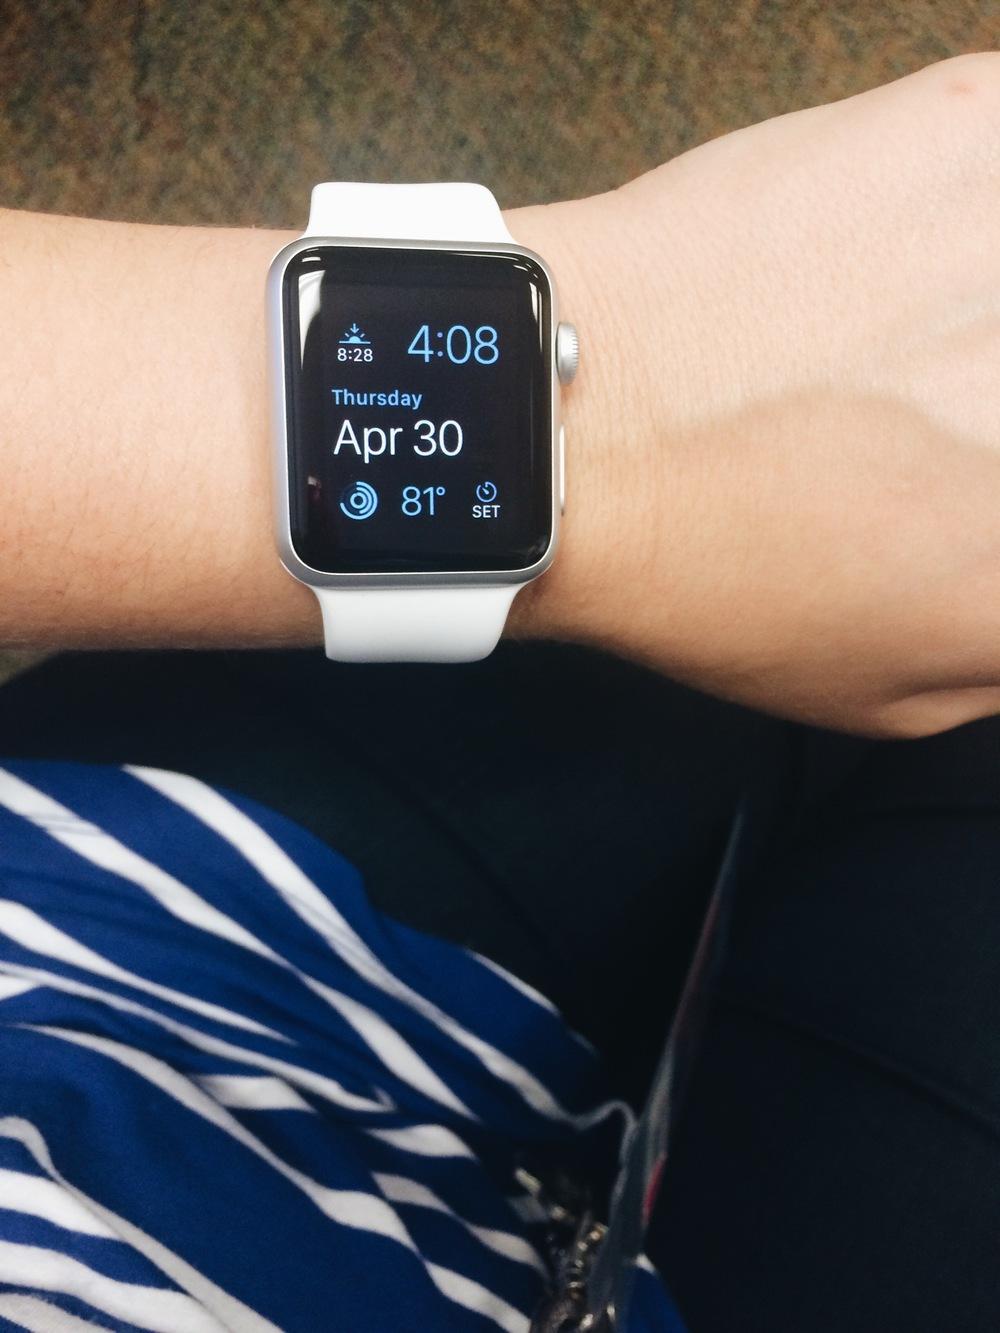 wearing the Apple Watch Sport